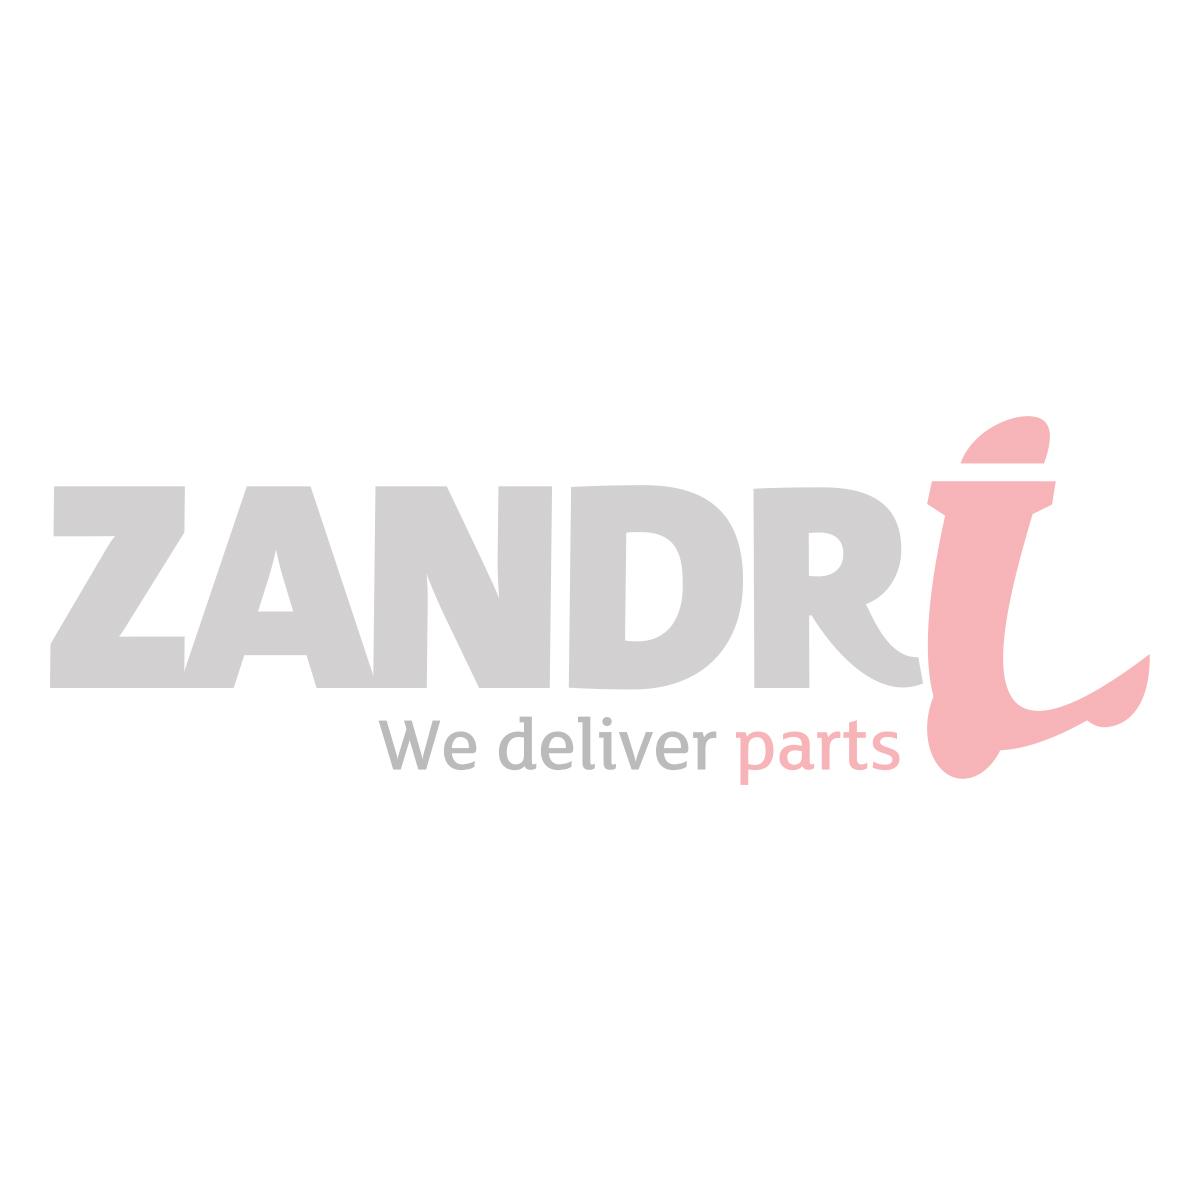 Koelvloeistof onderhoudsmiddel handzeep 4 liter blik dreumex ex250 3pcs